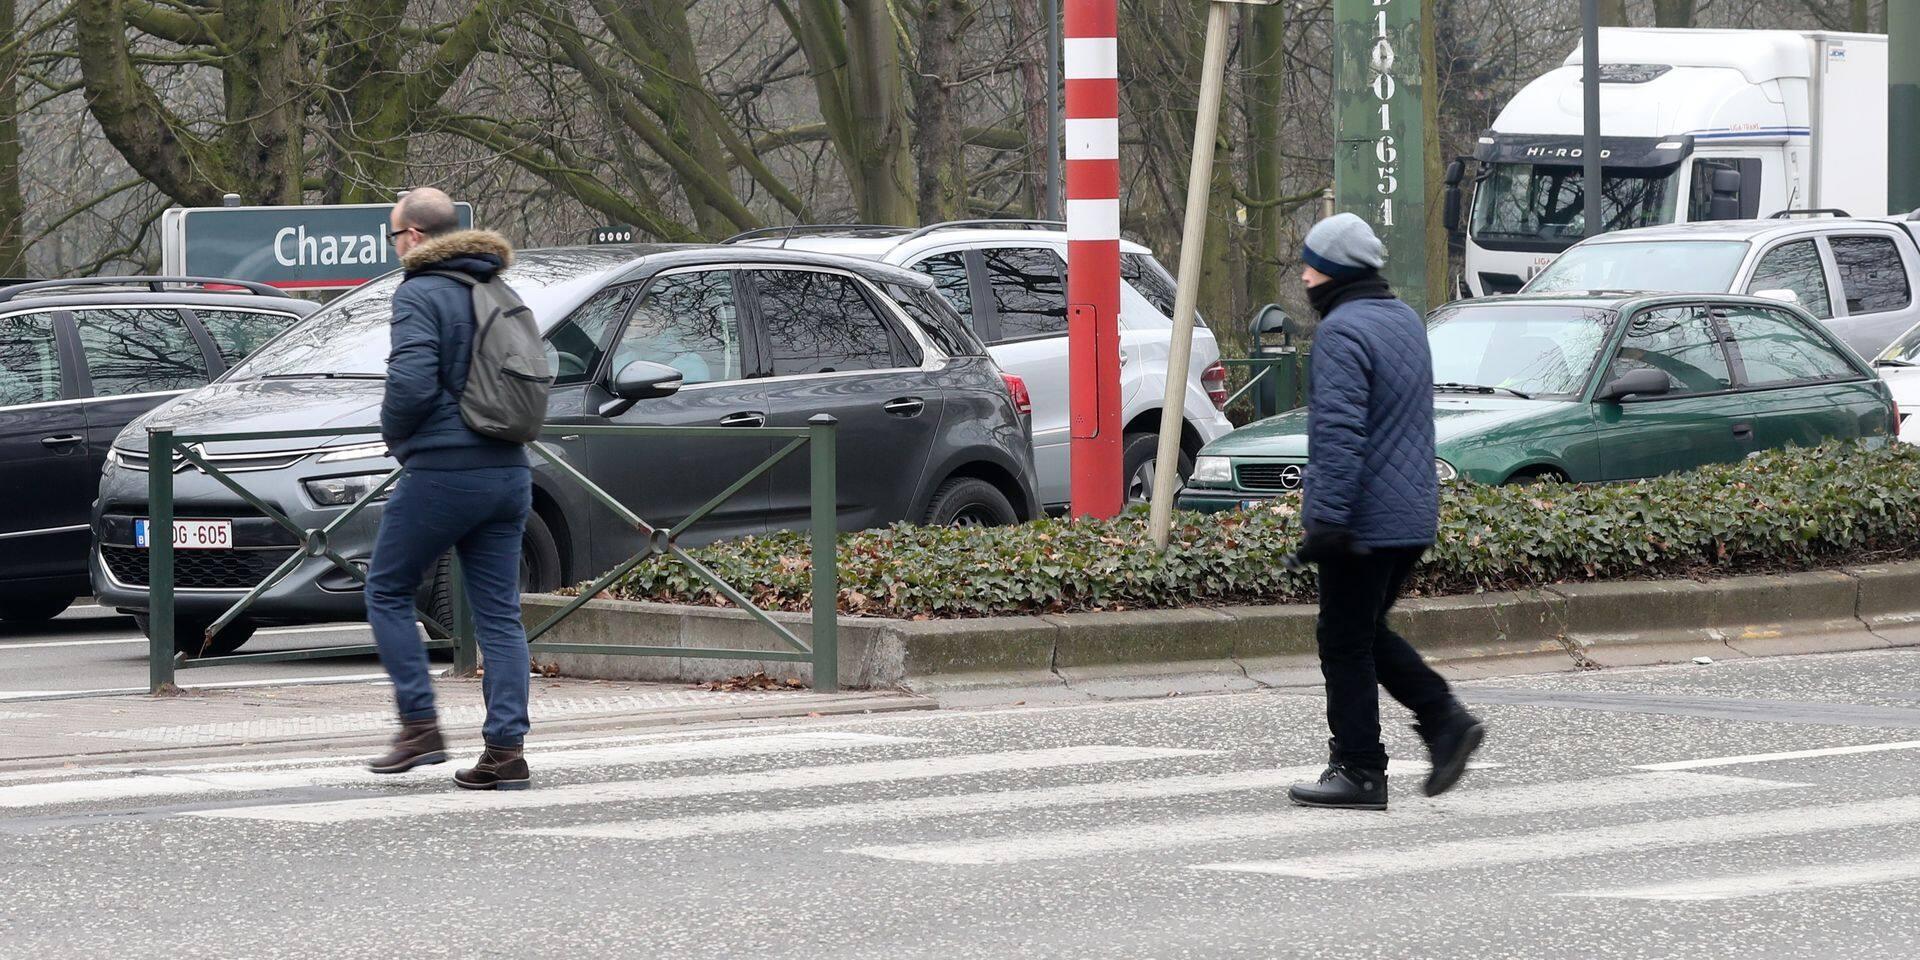 Photos Bernard Demoulin: Photo de personnes qui traversent au passage pour pietons sur le Bd Lambermont, au carrefour des avenues Chazal et Latinis. Ya eu un probleme avec la coordination des feux et les pietons se sont retrouves pris au piege entre un tram et un camion